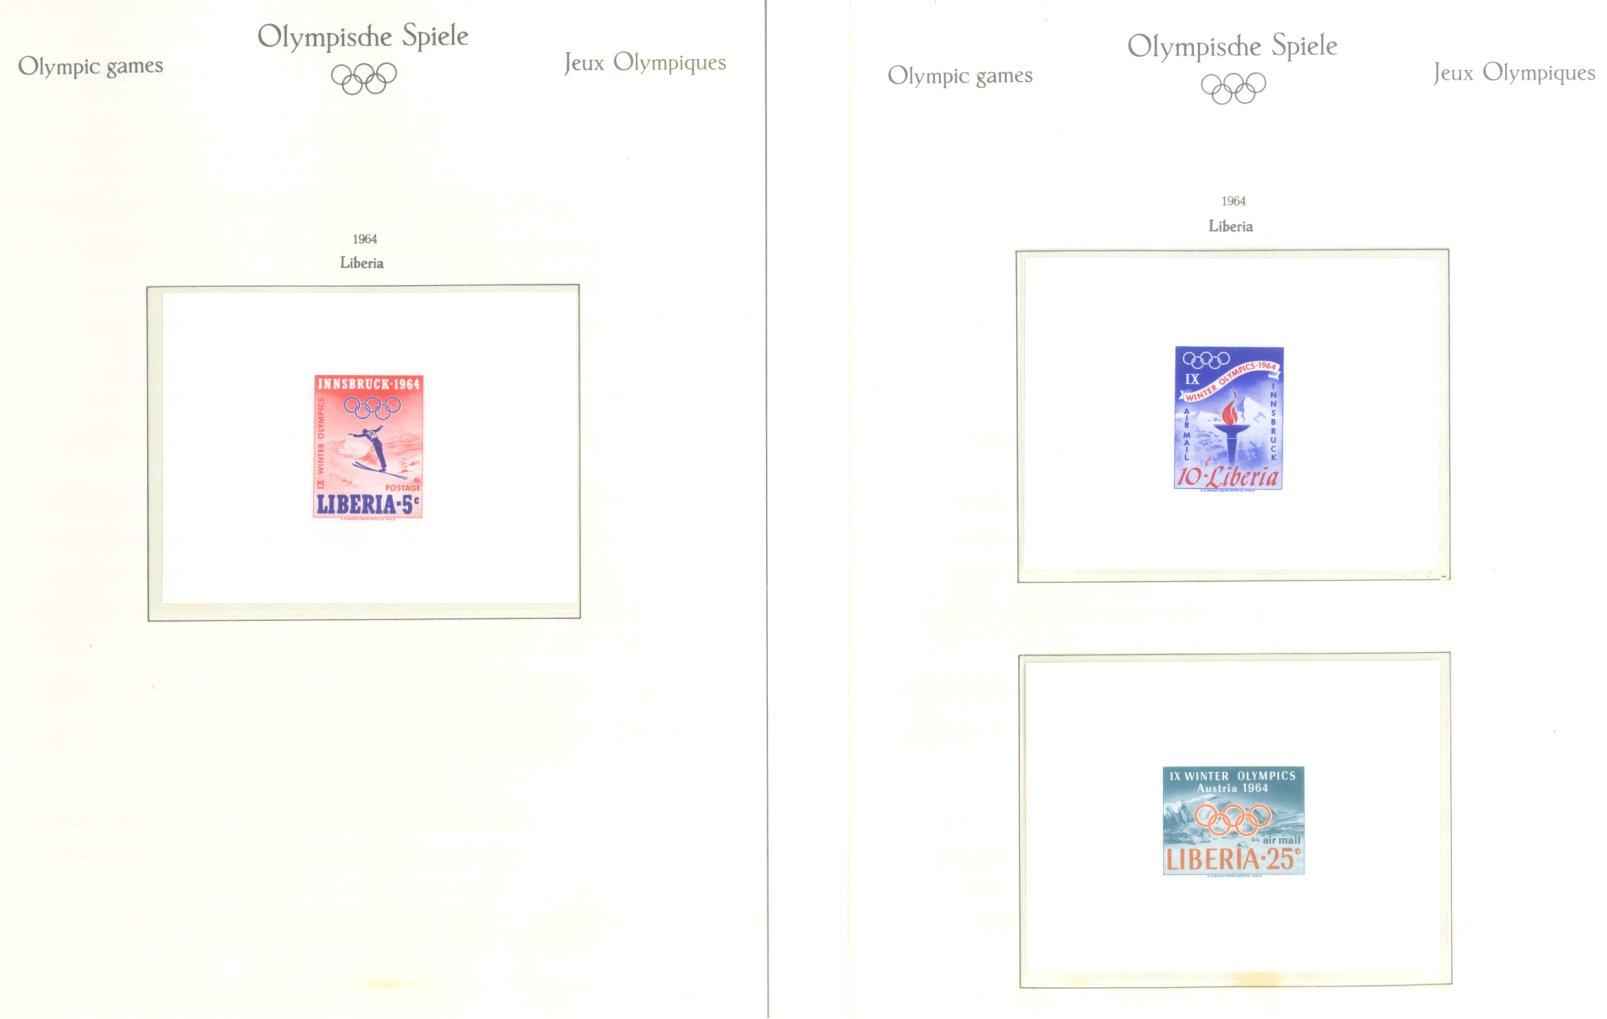 OLYMPISCHE SPIELE 1964 TOKIO, postfrische Sammlung Teil 1-40